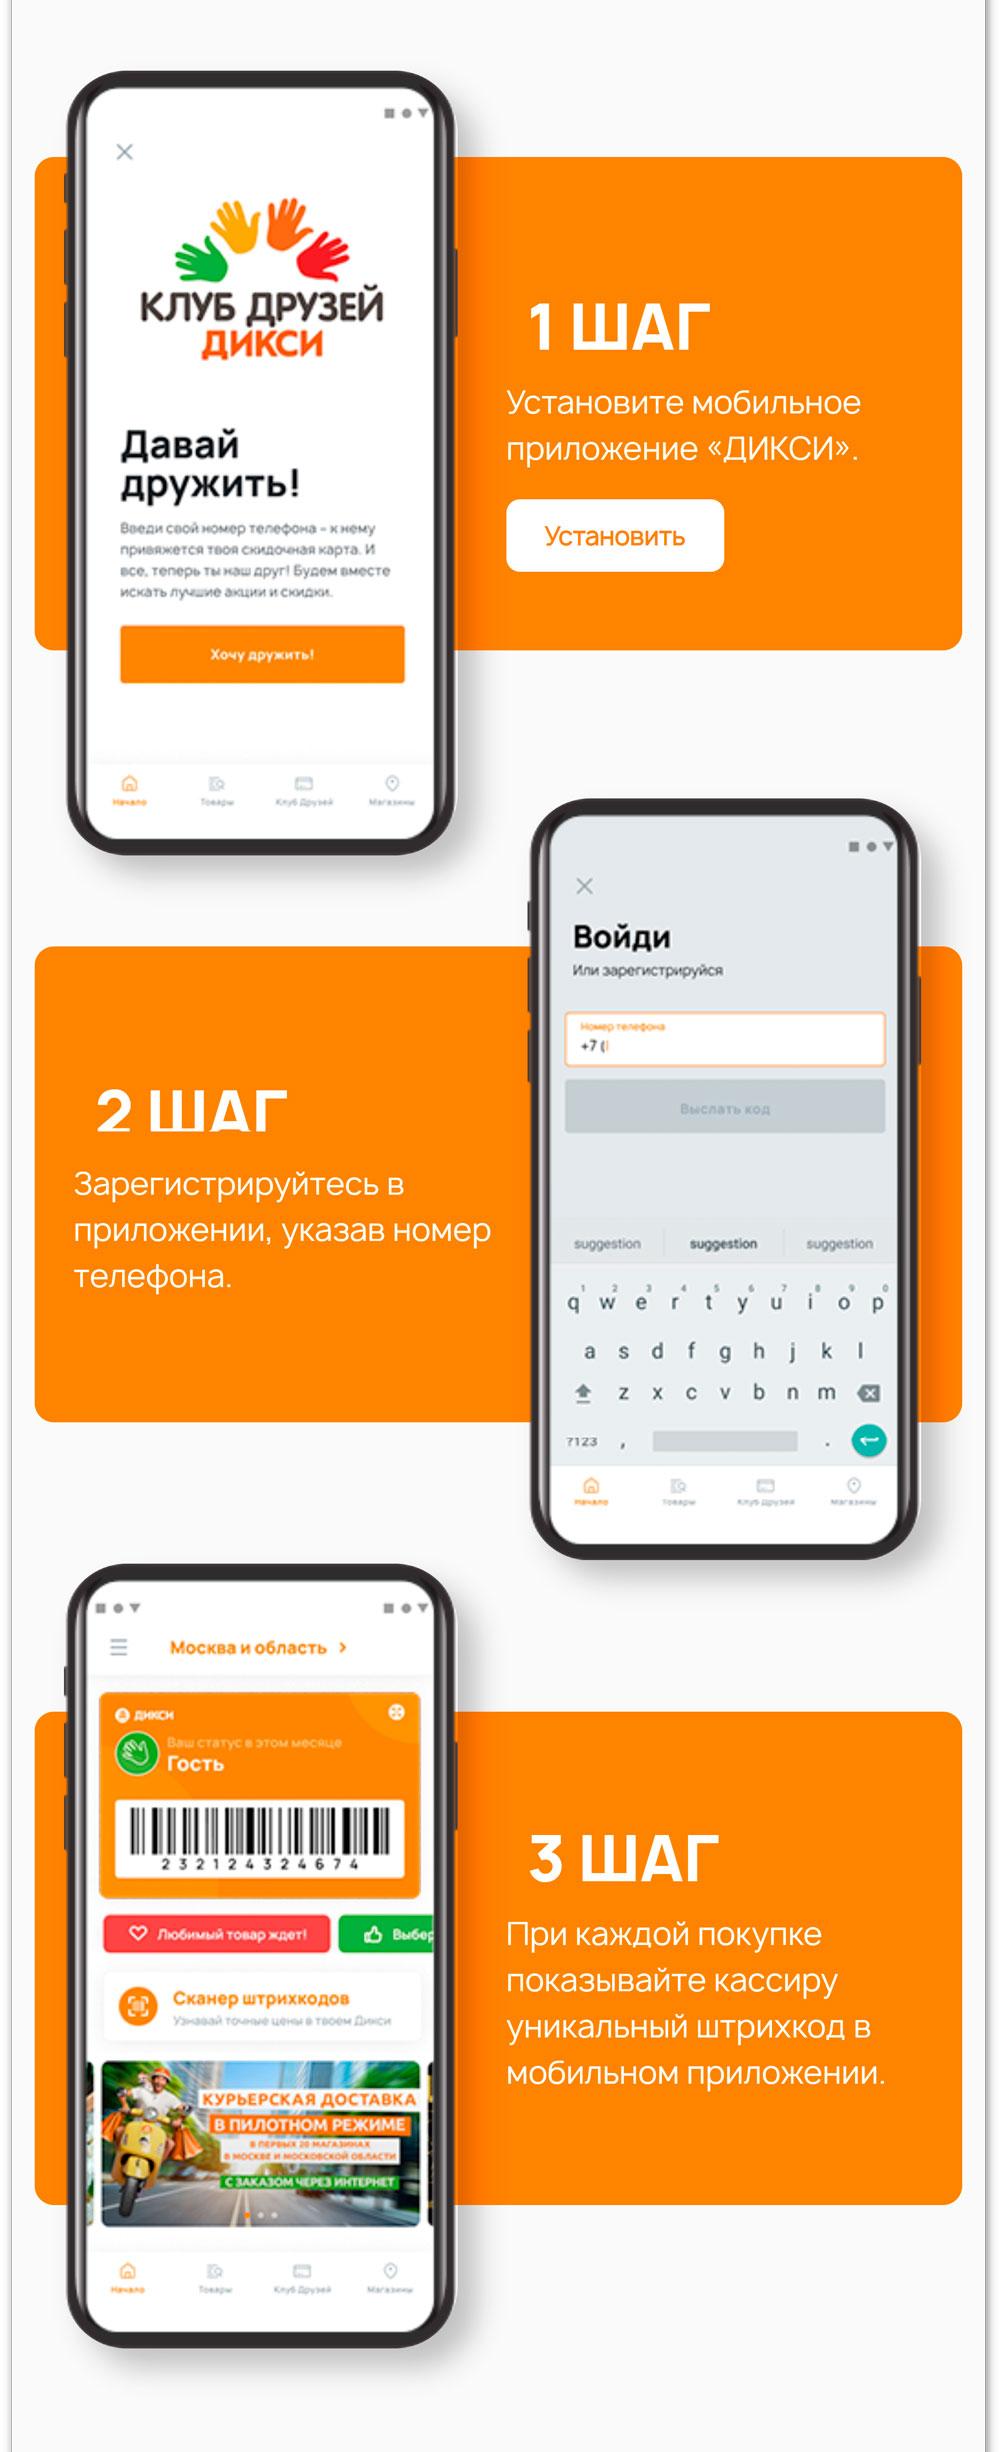 клуб друзей дикси регистрация москва приложение